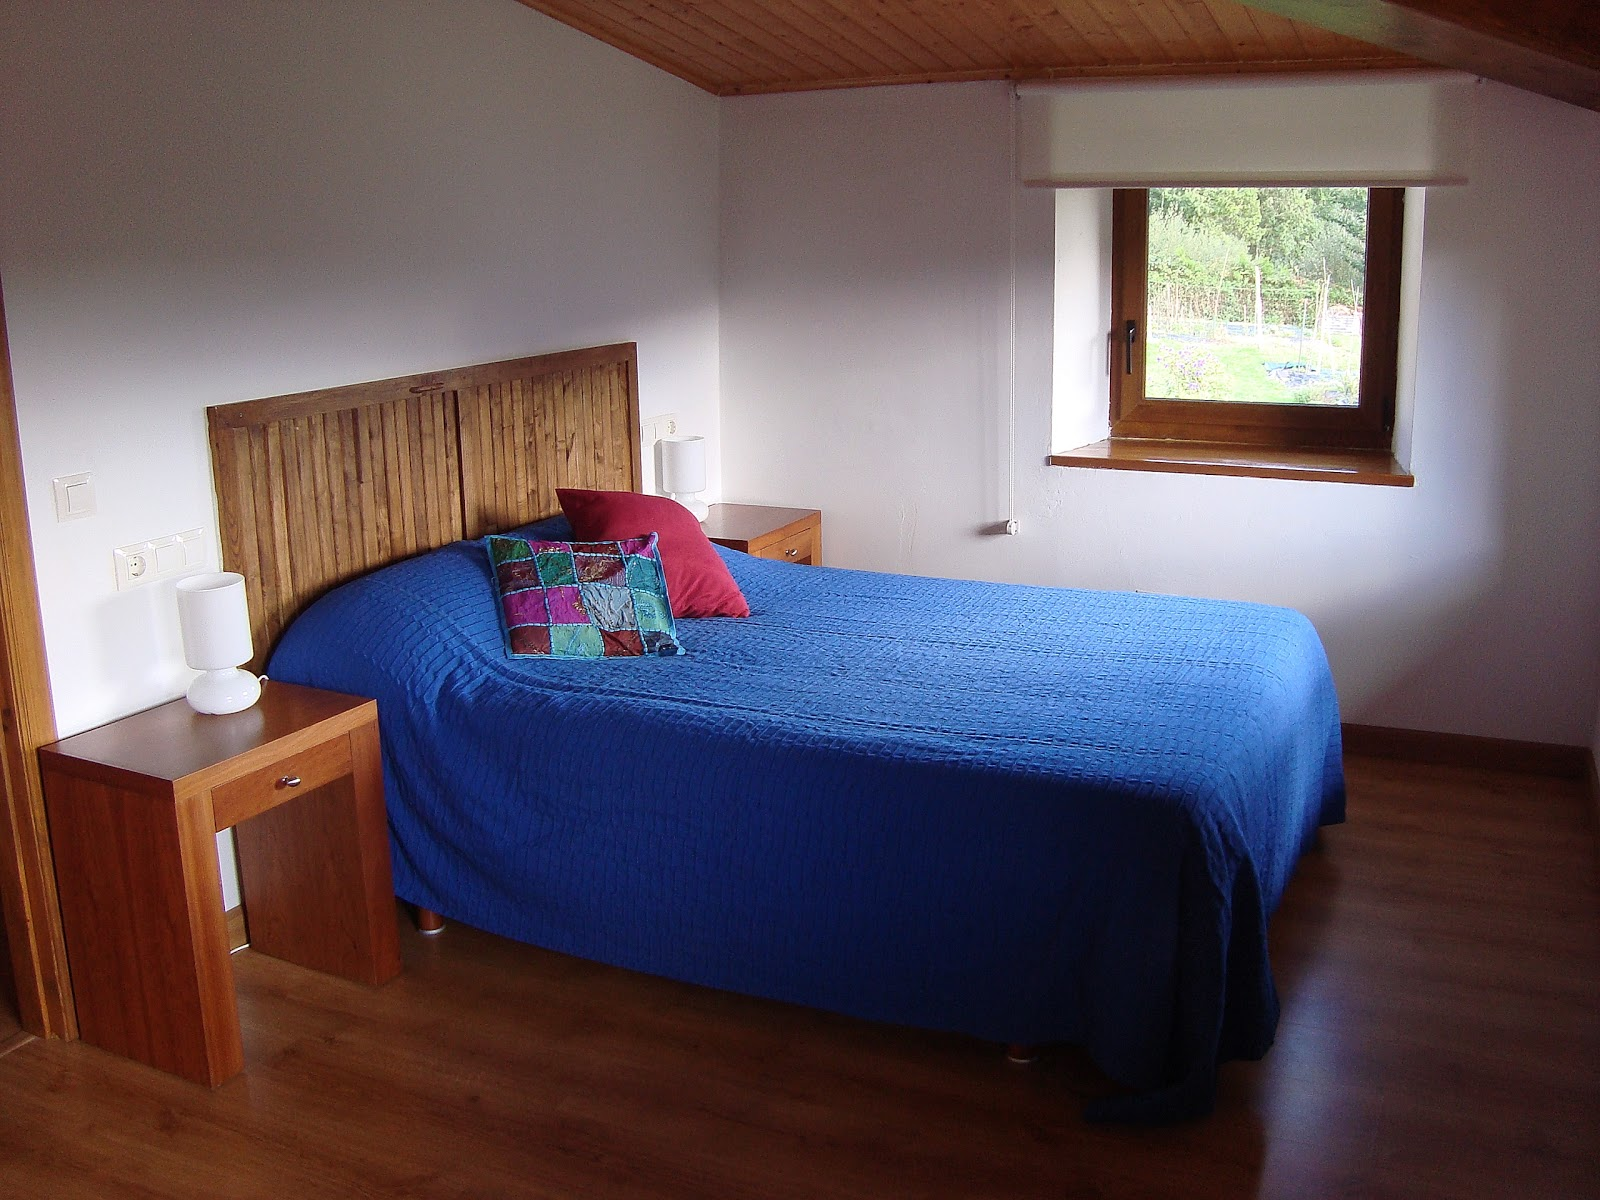 Losandaluces turismo rural en couzadoiro la casa por for Casa de los azulejos por dentro